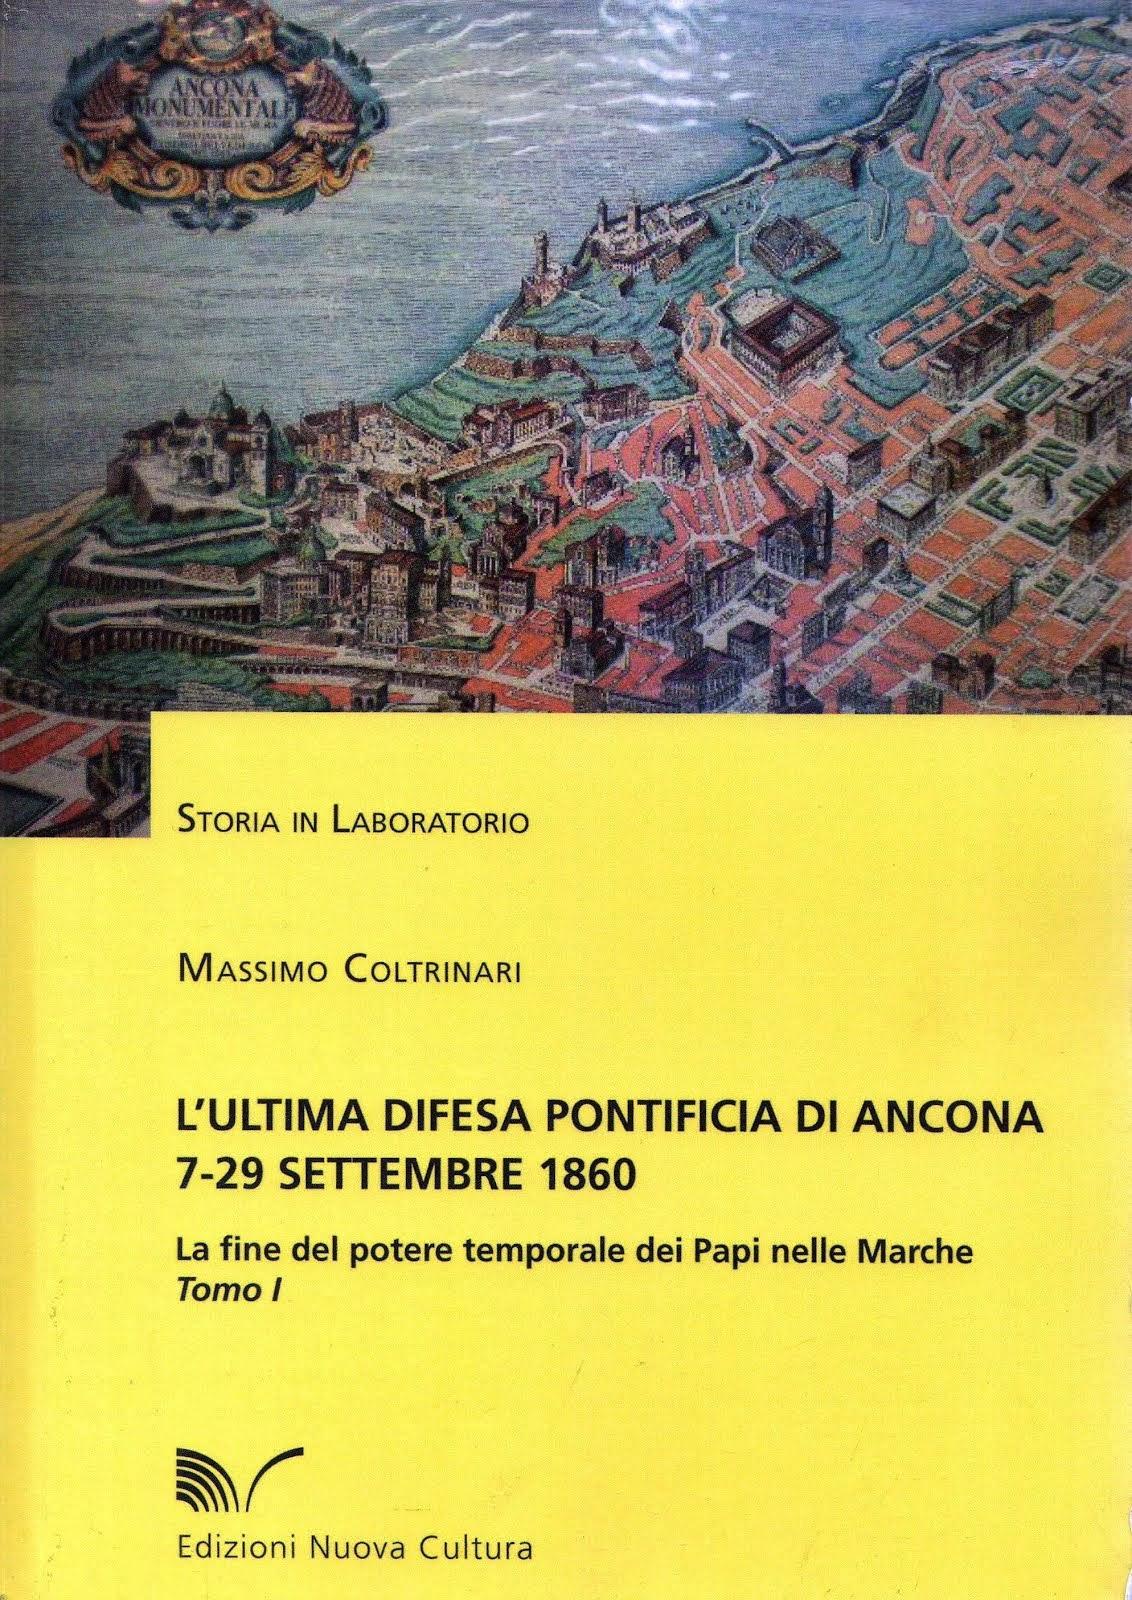 L'Ultima difesa pontificia di Ancona. La fine del potere temporale dei Papi 7-29 settembre 1860